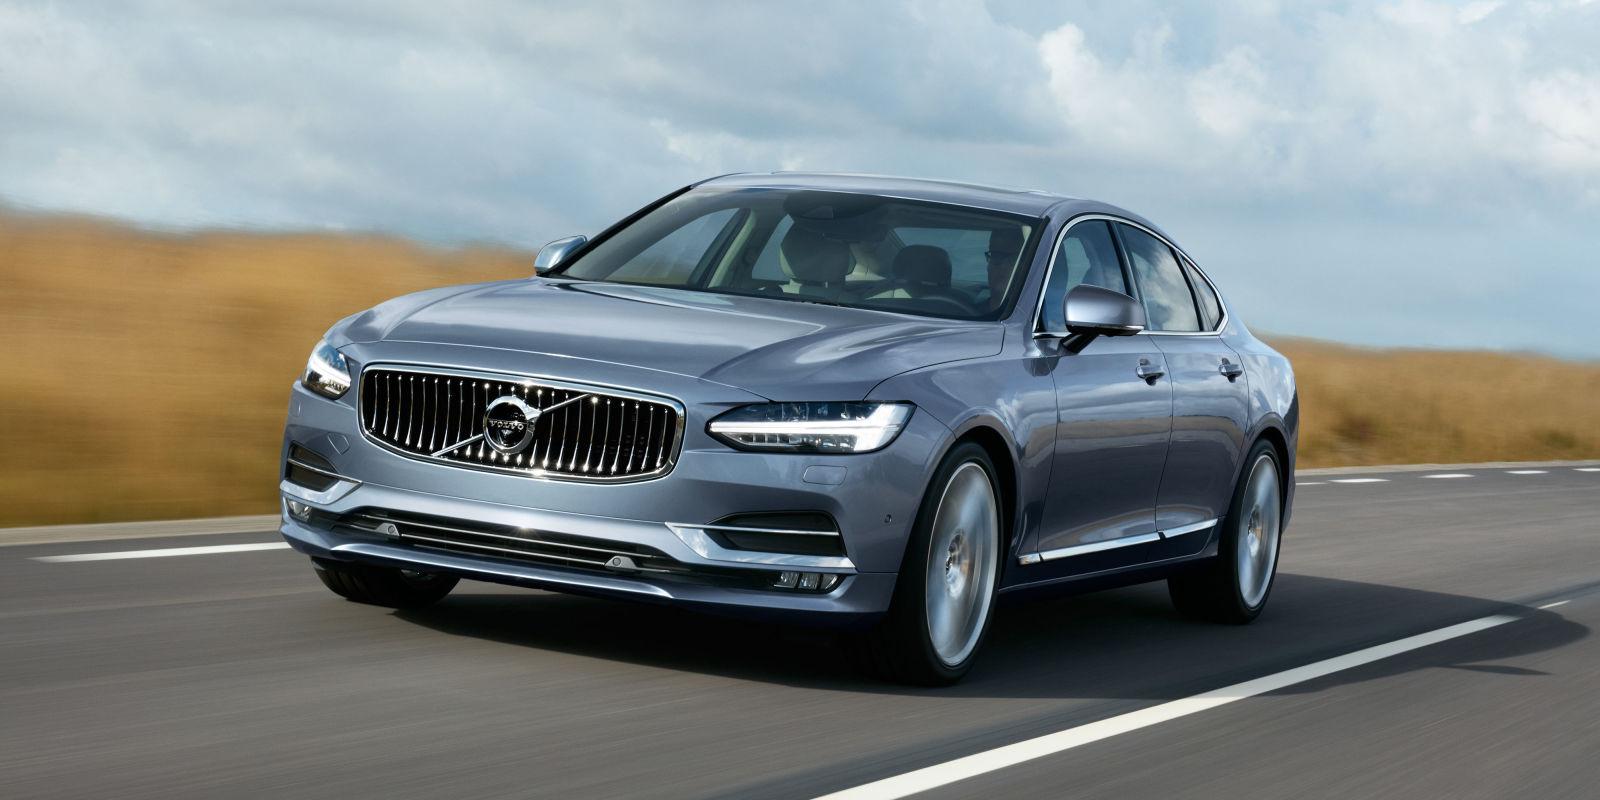 Actu Volvo  Volvo S90: intégrer les premiums une bonne fois  Autodeclics